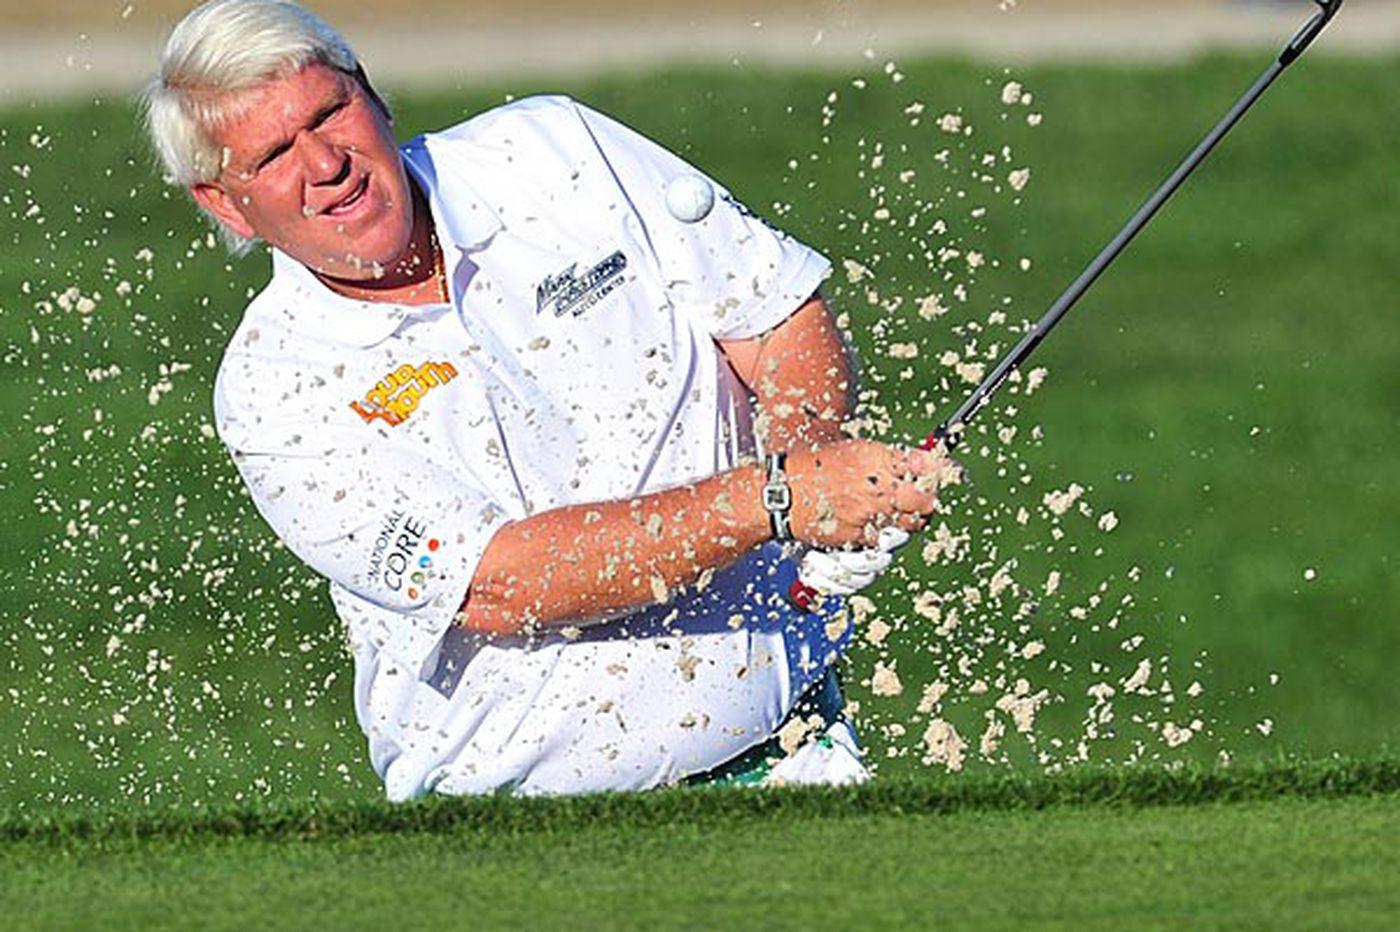 Daly says PGA Tour's drug-testing policy 'a joke'